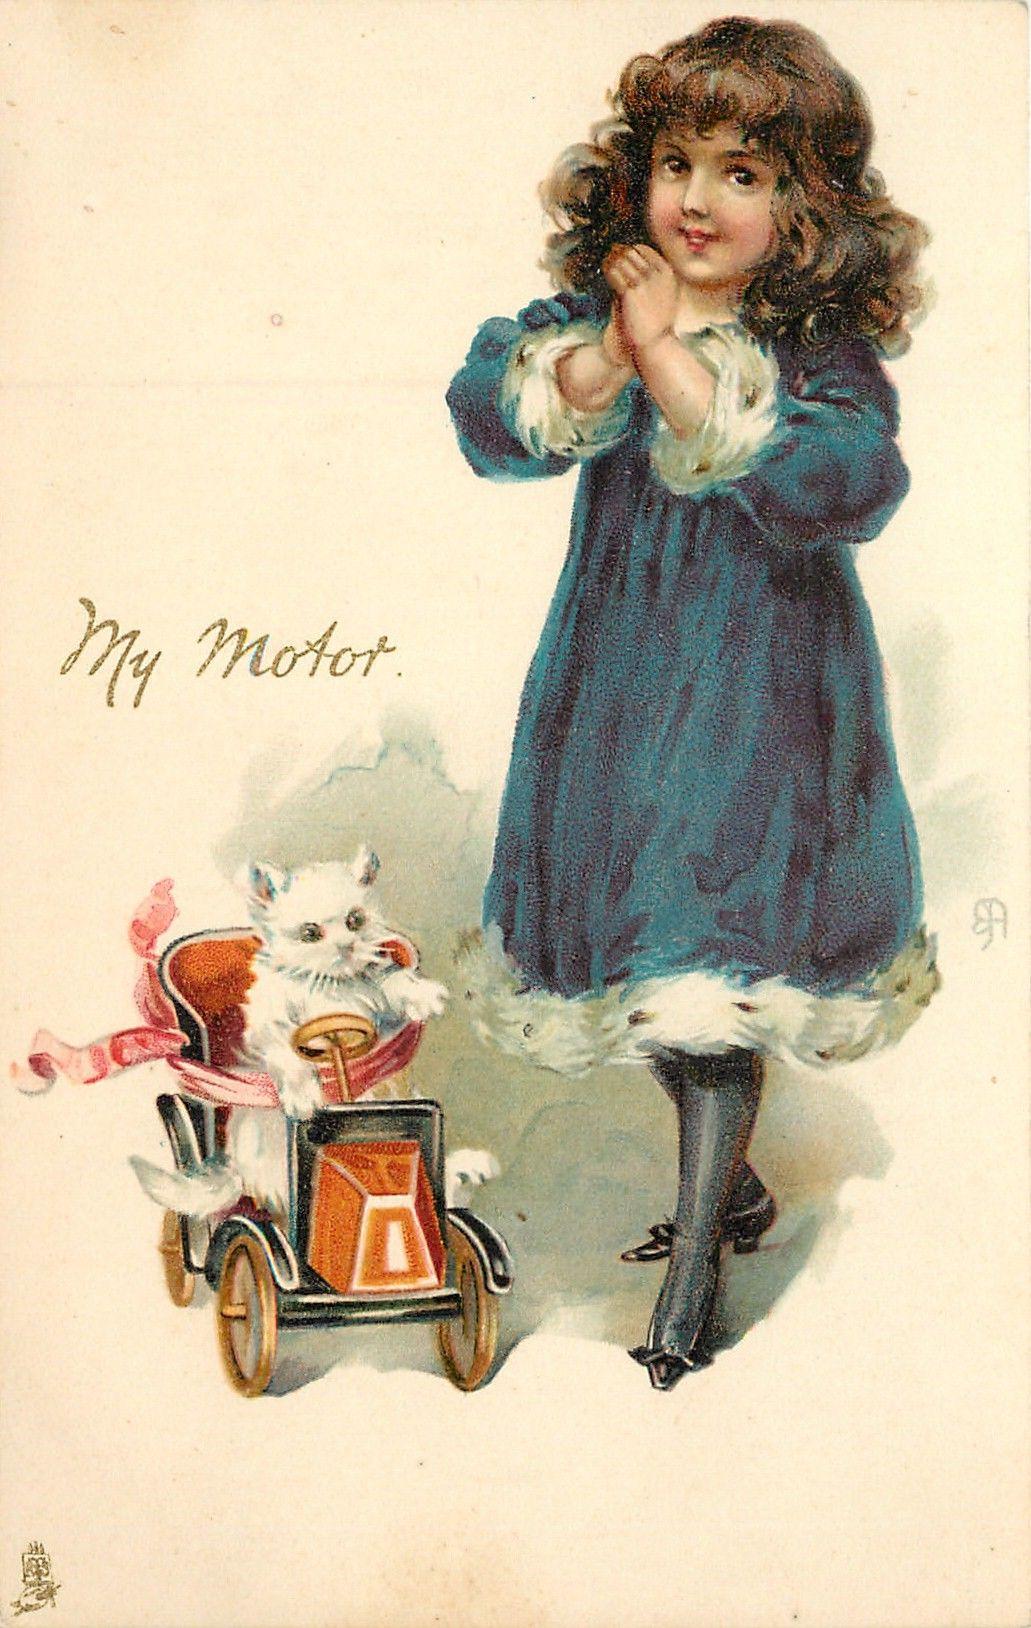 Поздравления мая, дети с игрушками на старинных открытках